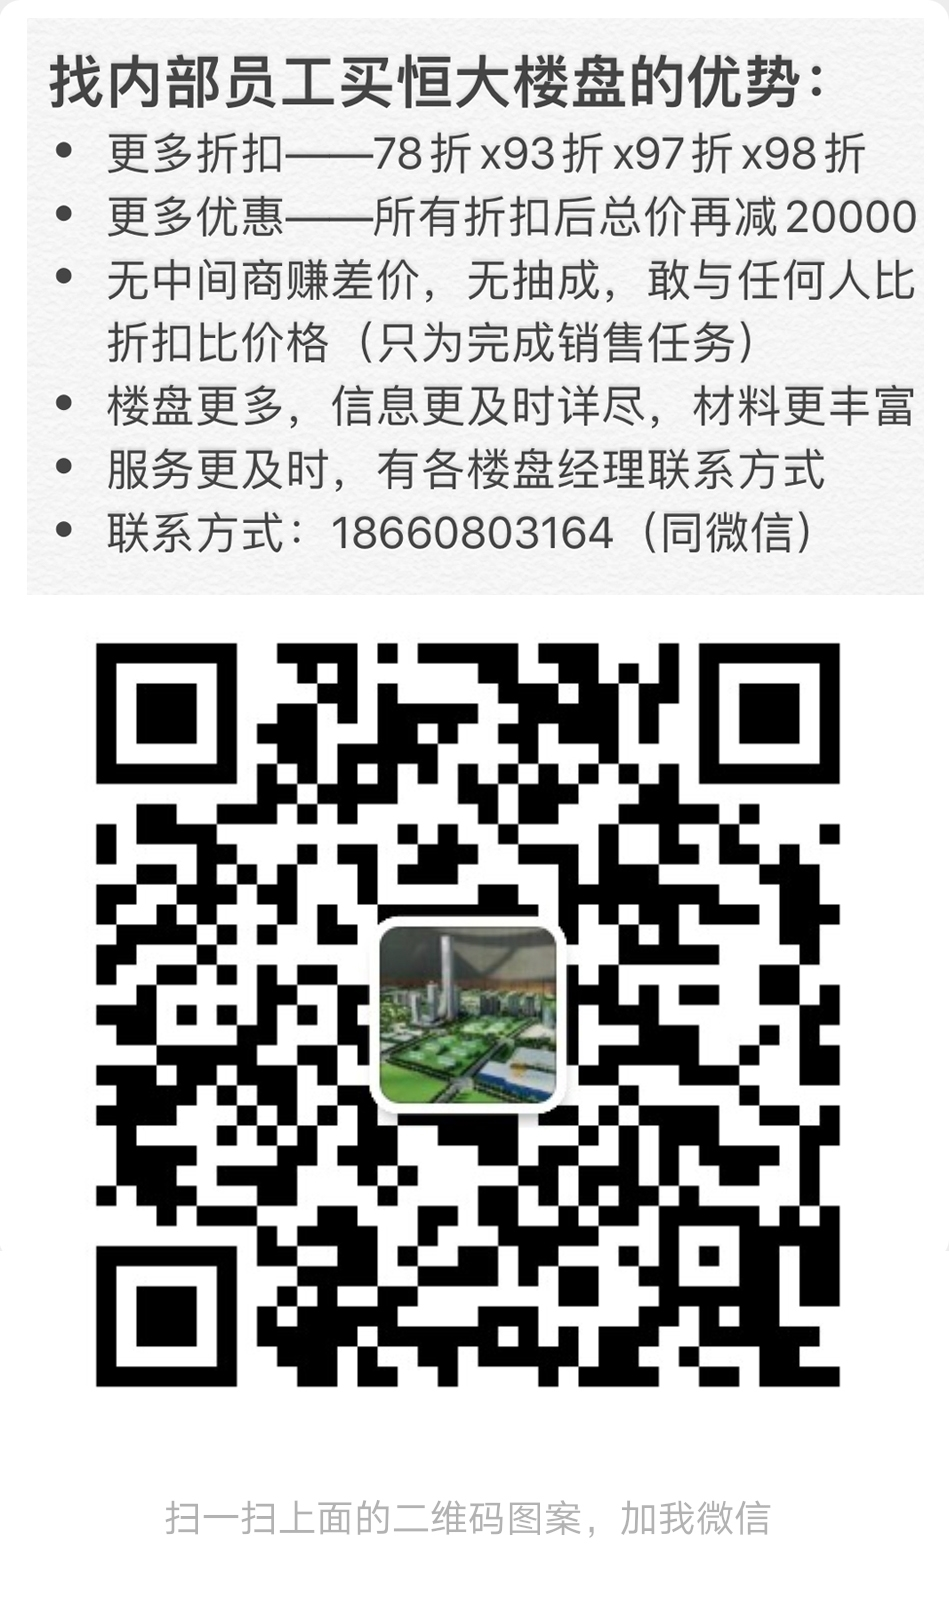 微信图片_20200317154223.jpg